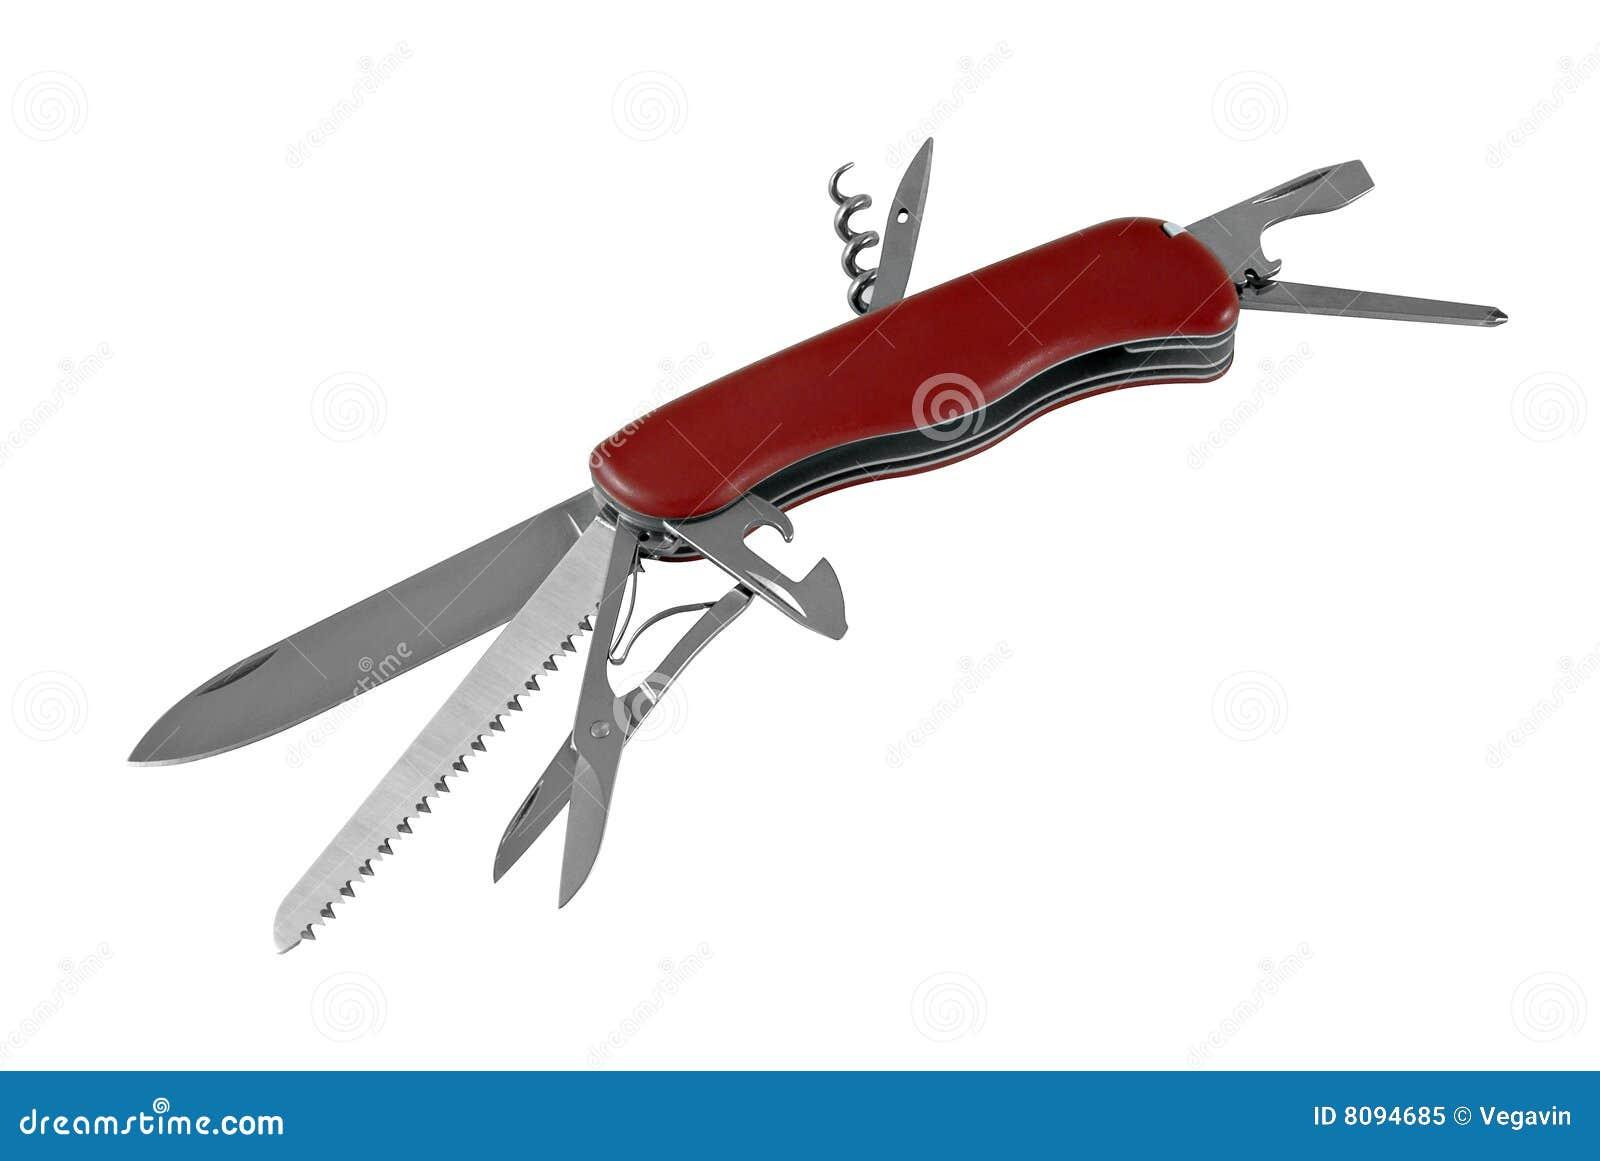 Nóż kieszeń